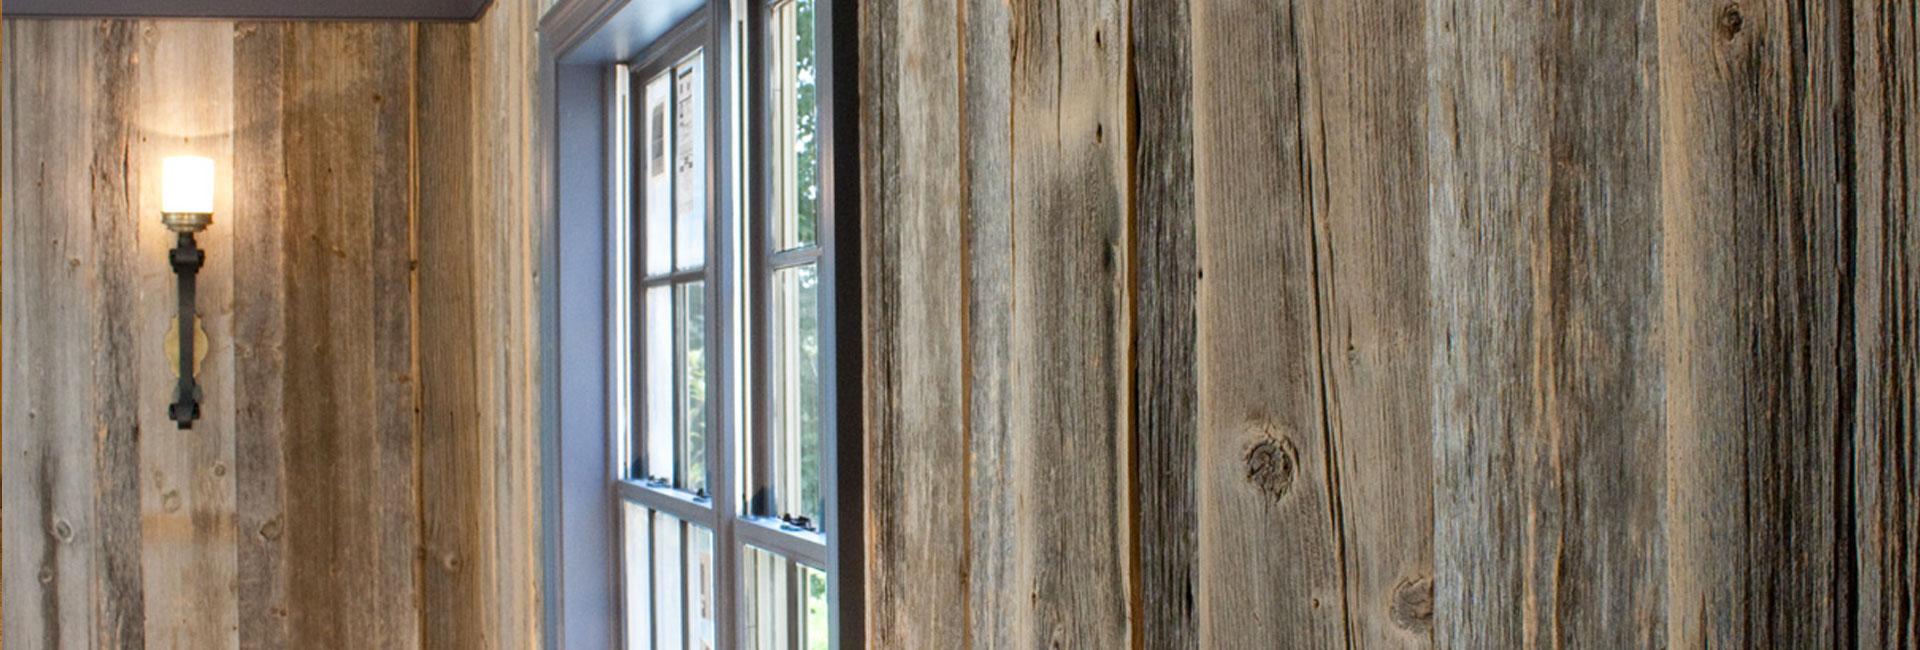 barn-board-banner-1